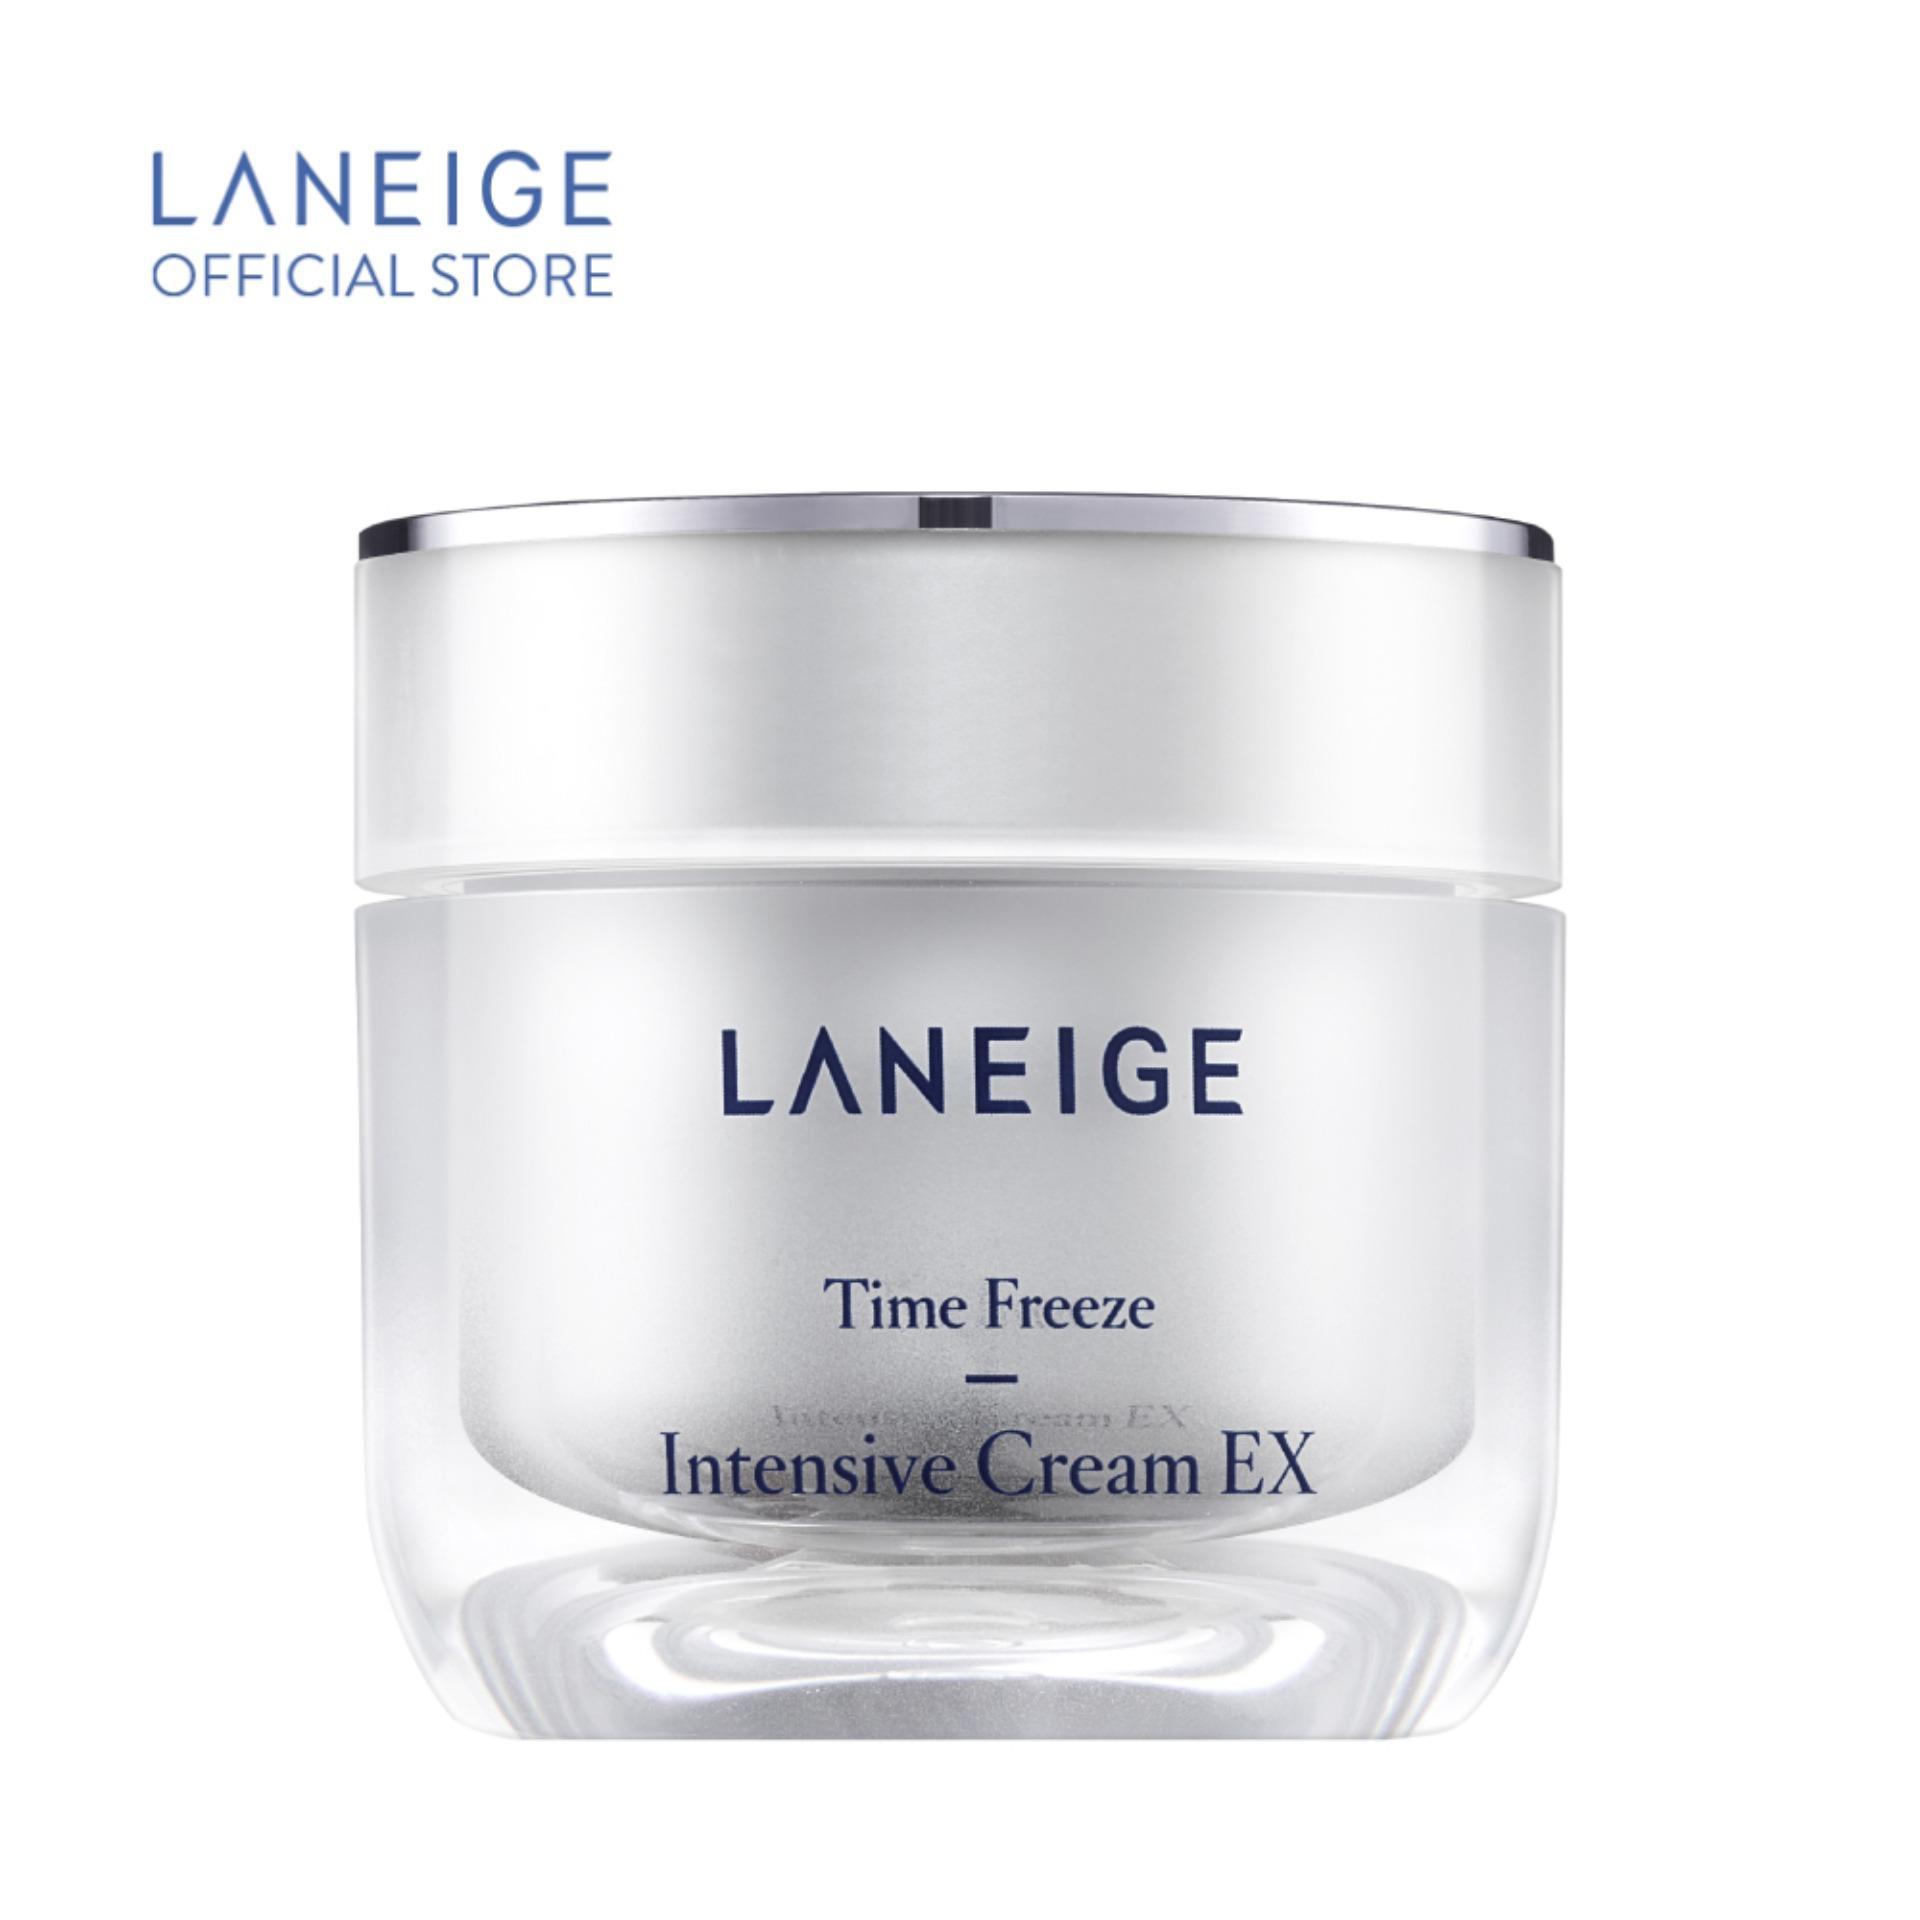 Kem dưỡng chống lão hoá Laneige Time Freeze Intensive Cream EX 50ML